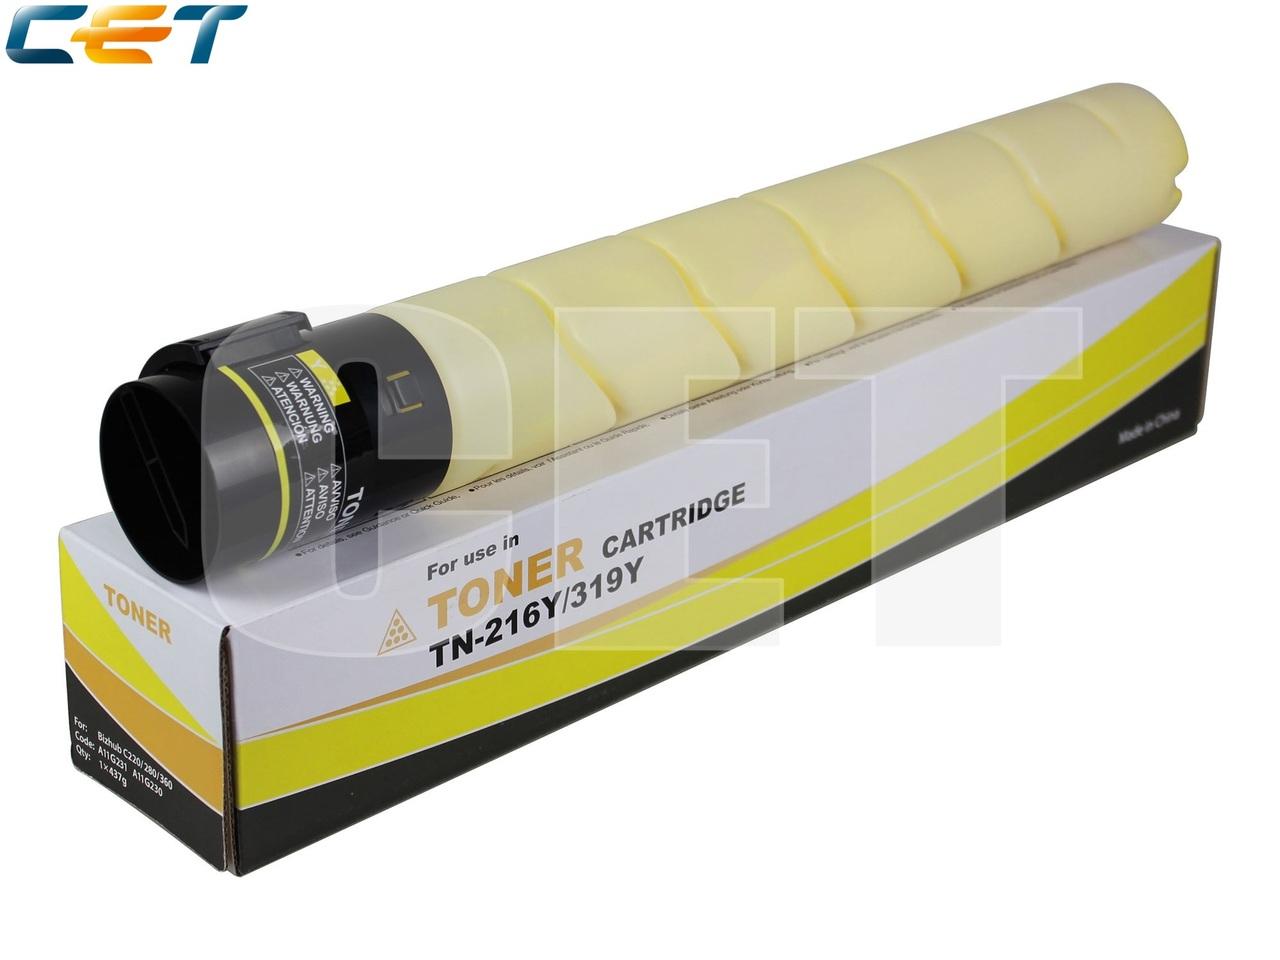 Тонер-картридж (NF5) TN-216Y/319Y для KONICA MINOLTABizhub C220/C280/C360 (CET) Yellow, 437г, 26000 стр.,CET6842